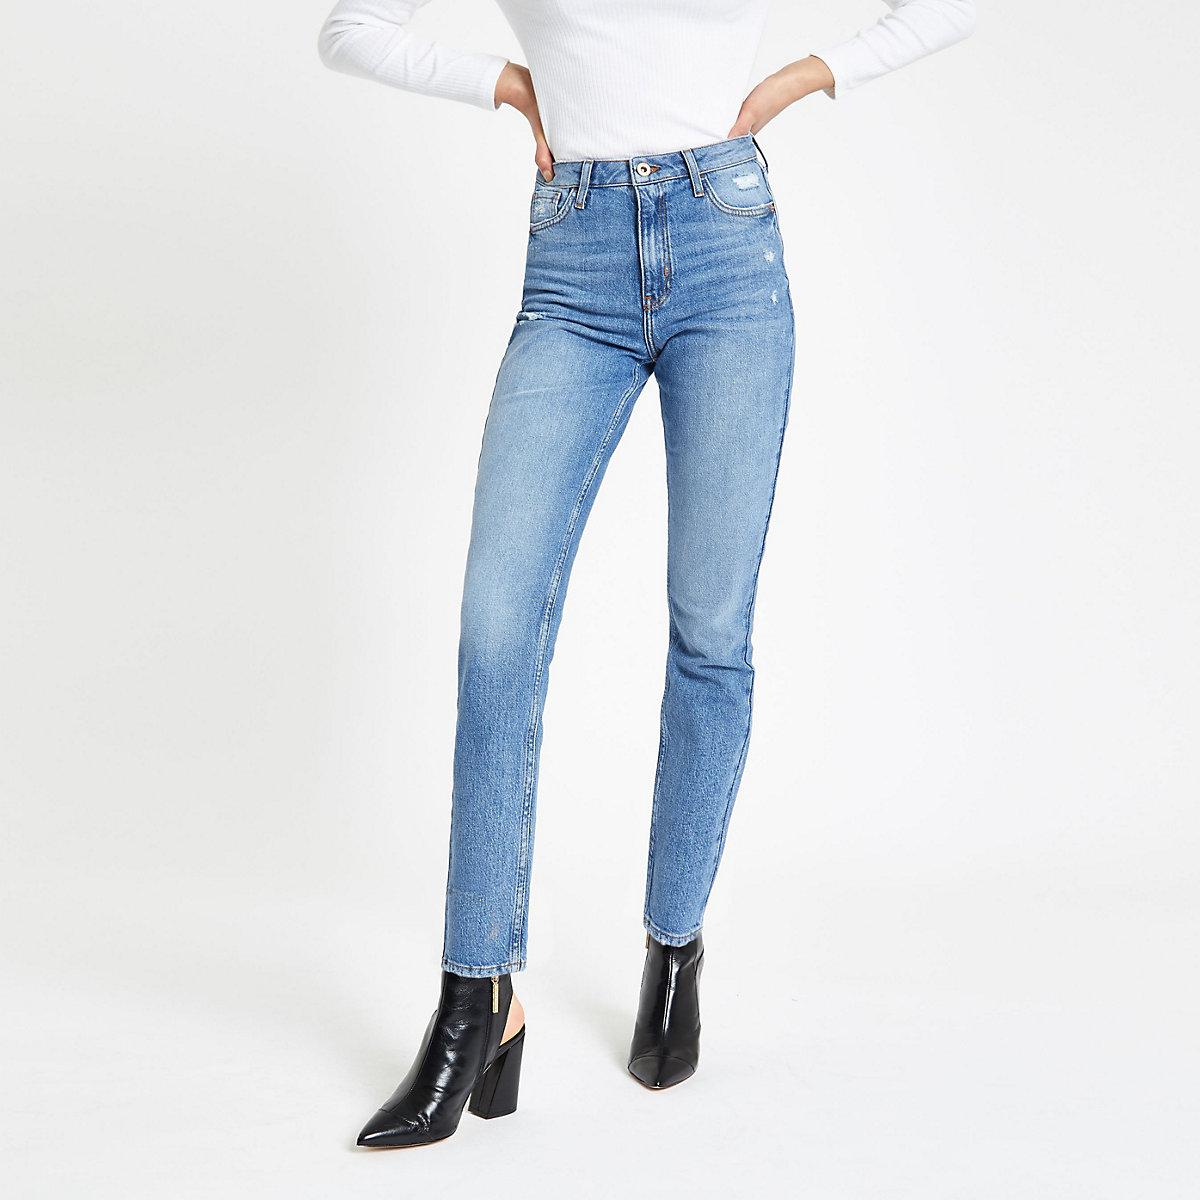 Denim mid skinny fit rigid jeans